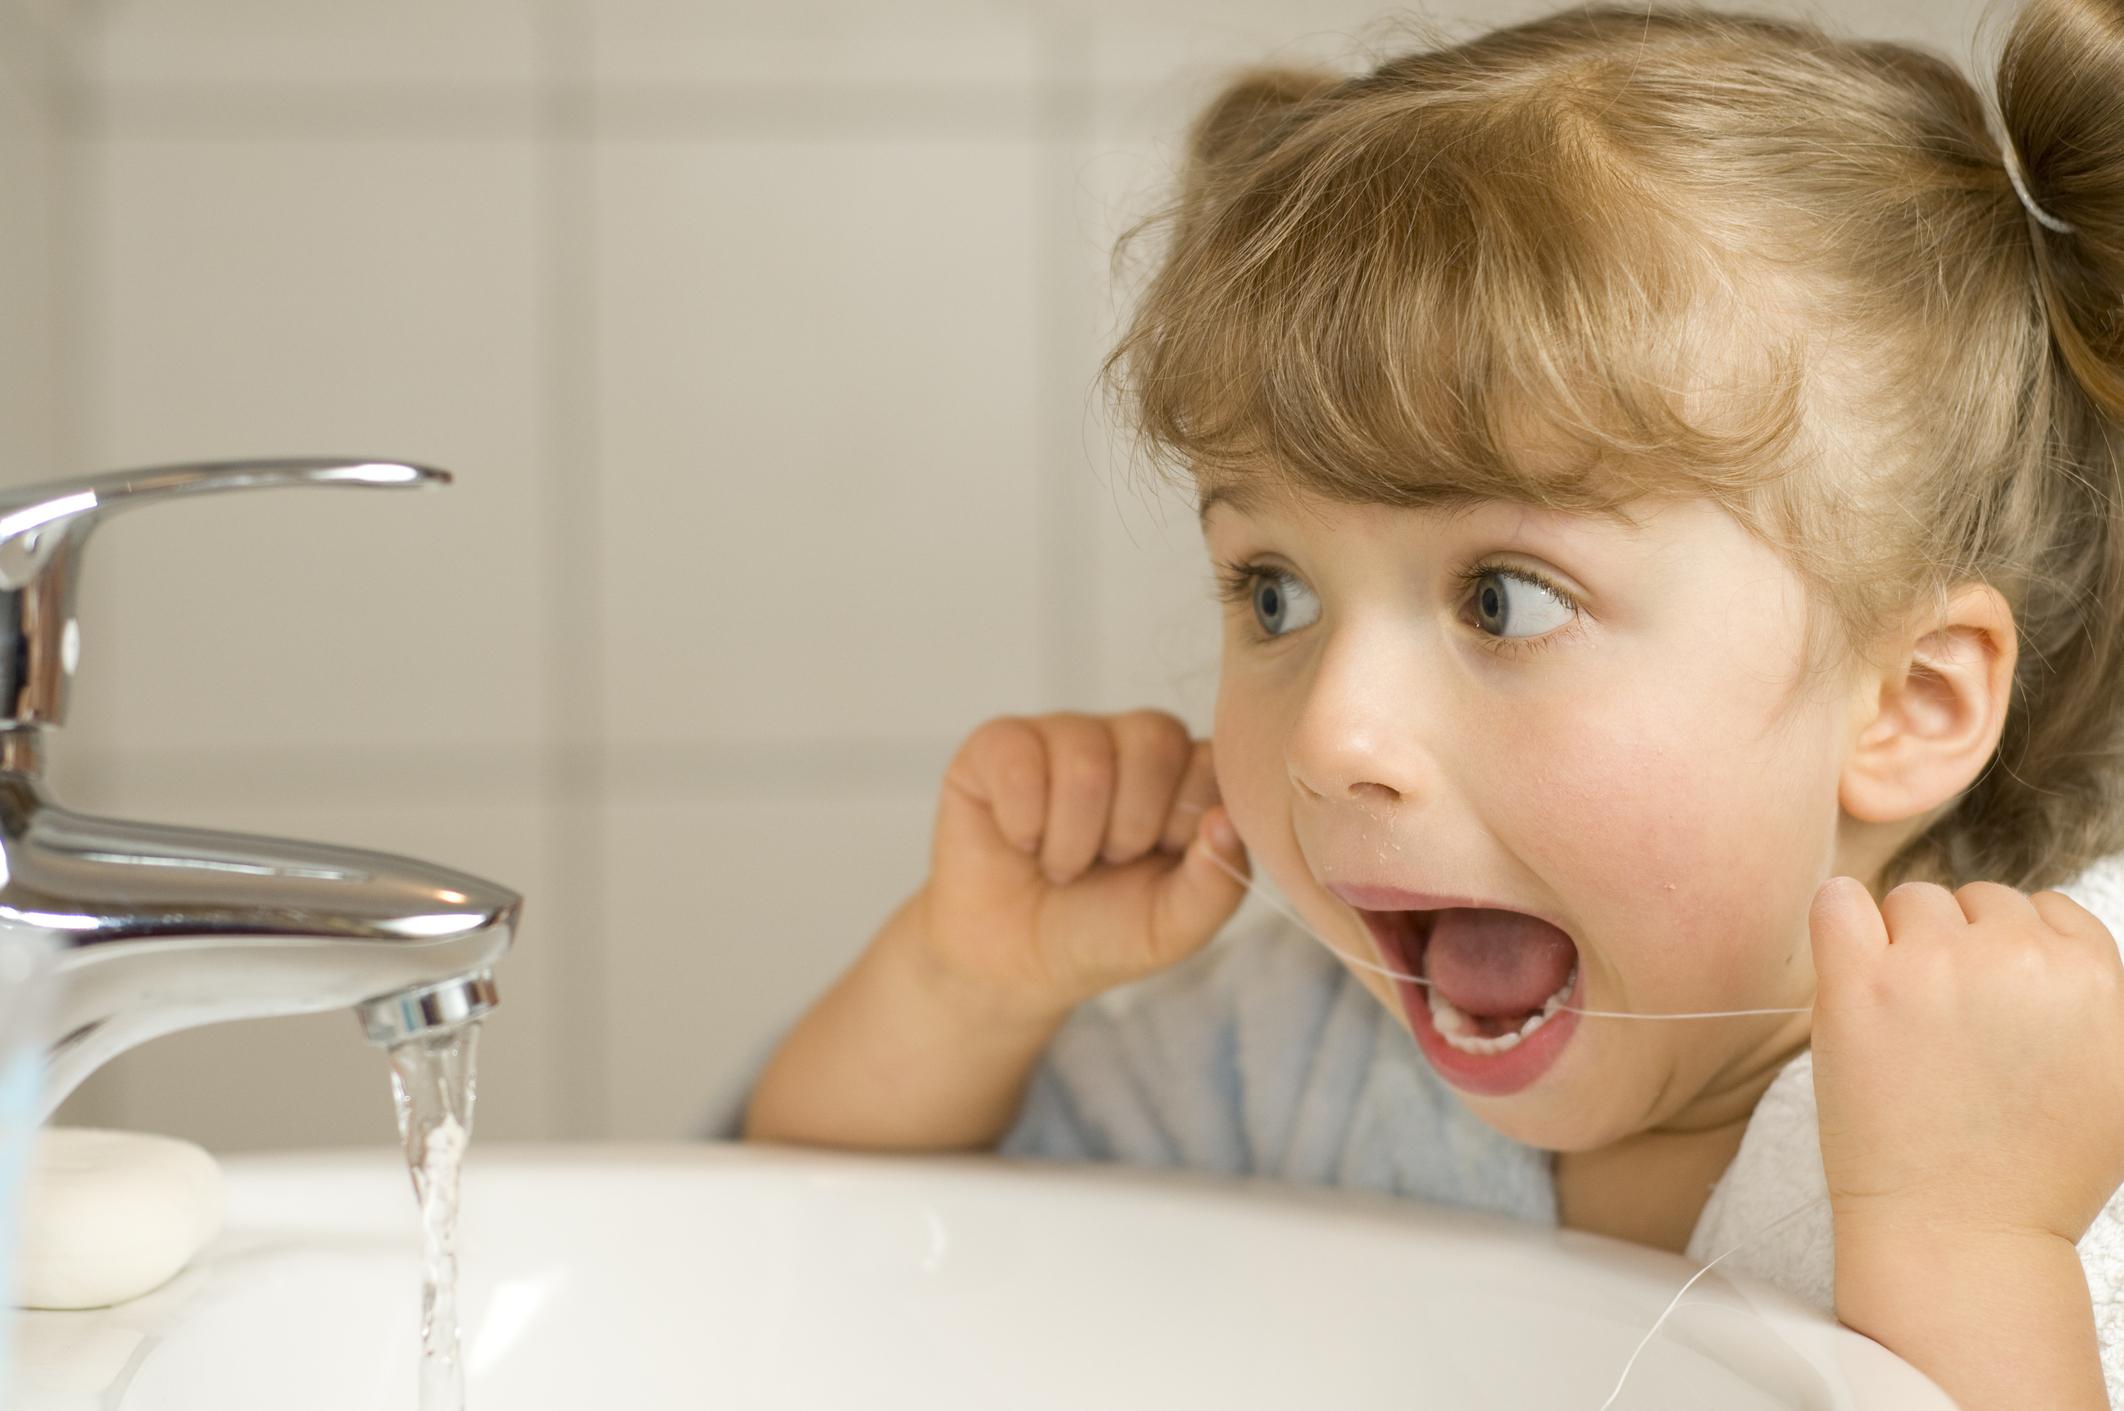 A saúde bucal infantil é tão importante quanto a saúde bucal dos adultos. O dia a dia acelerado das grandes cidades contribui para que os pais cuidem muito pouco de sua saúde bucal e ainda menos da de suas crianças.